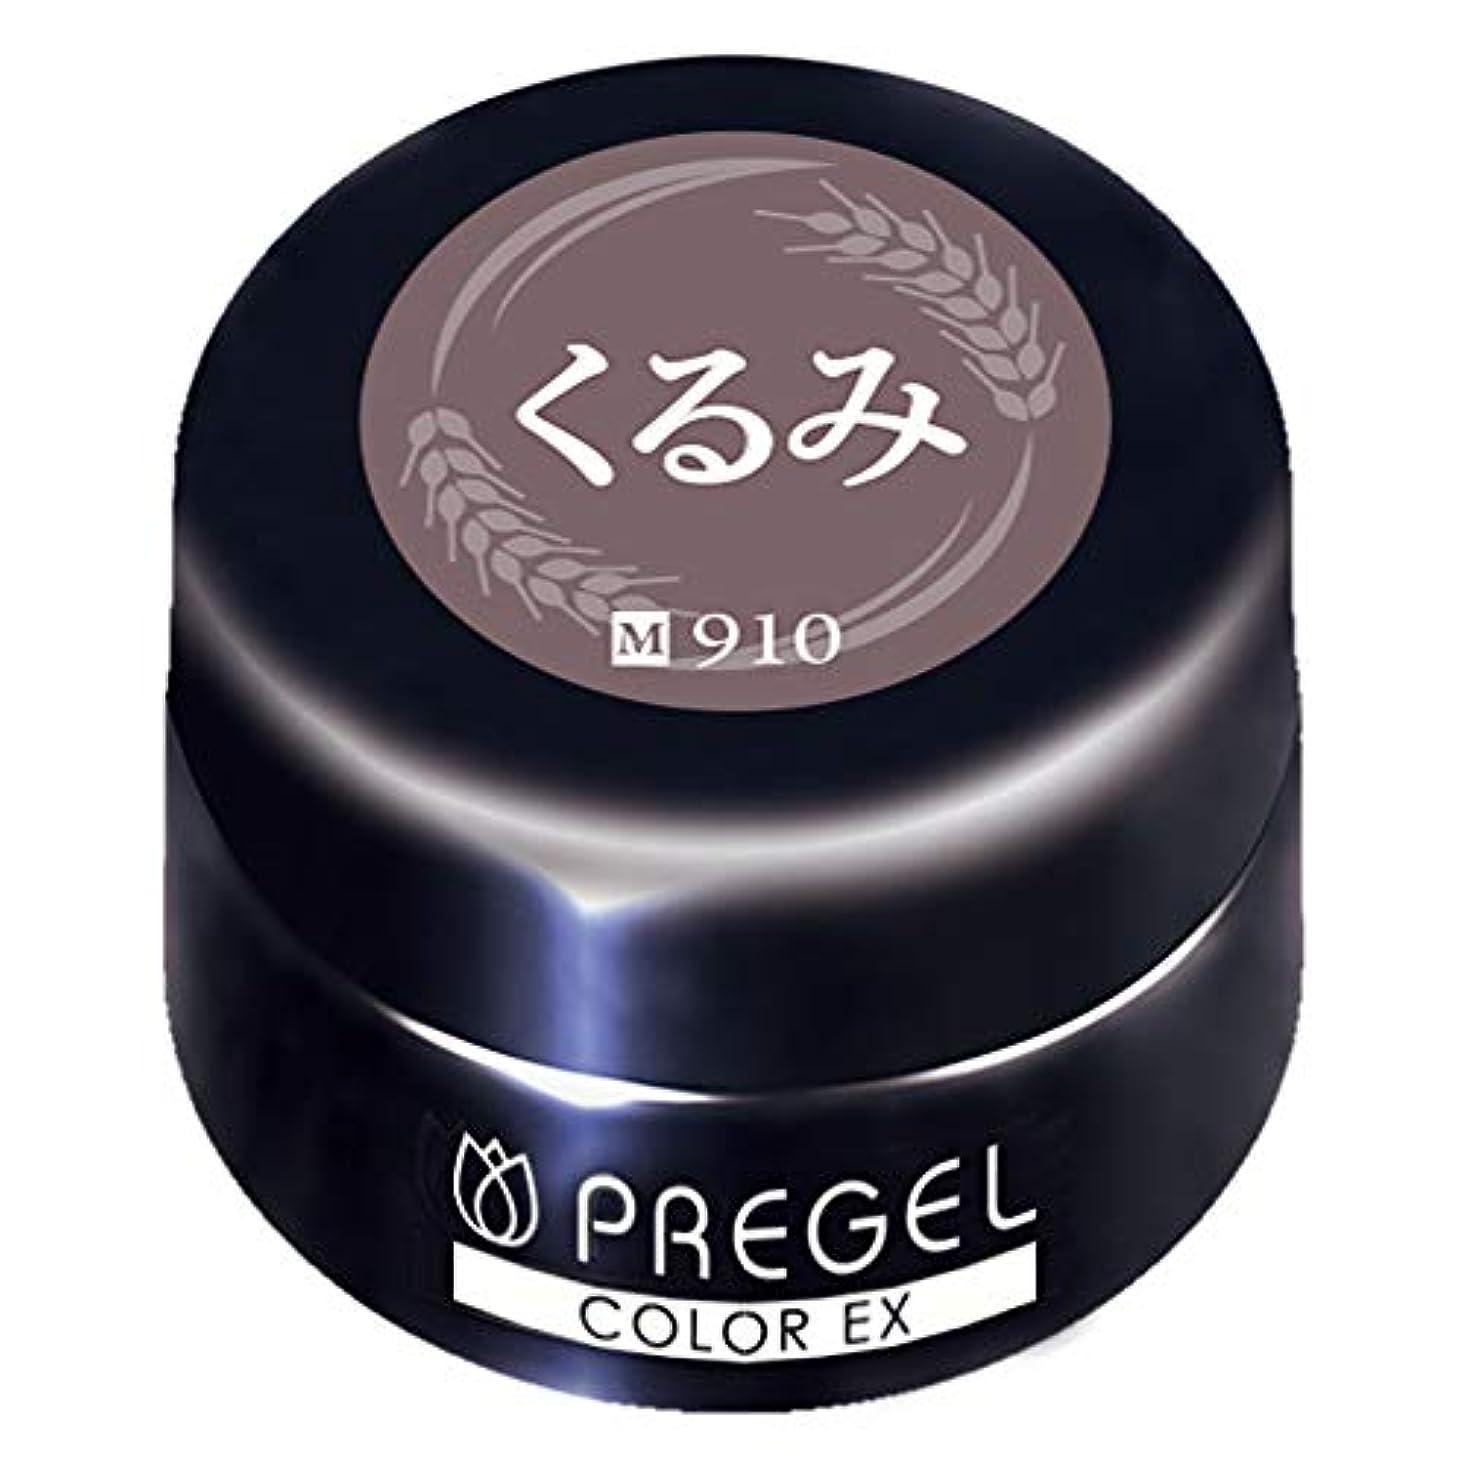 反逆毒作業PRE GEL(プリジェル) カラーEX くるみ 3g PG-CE910 UV/LED対応